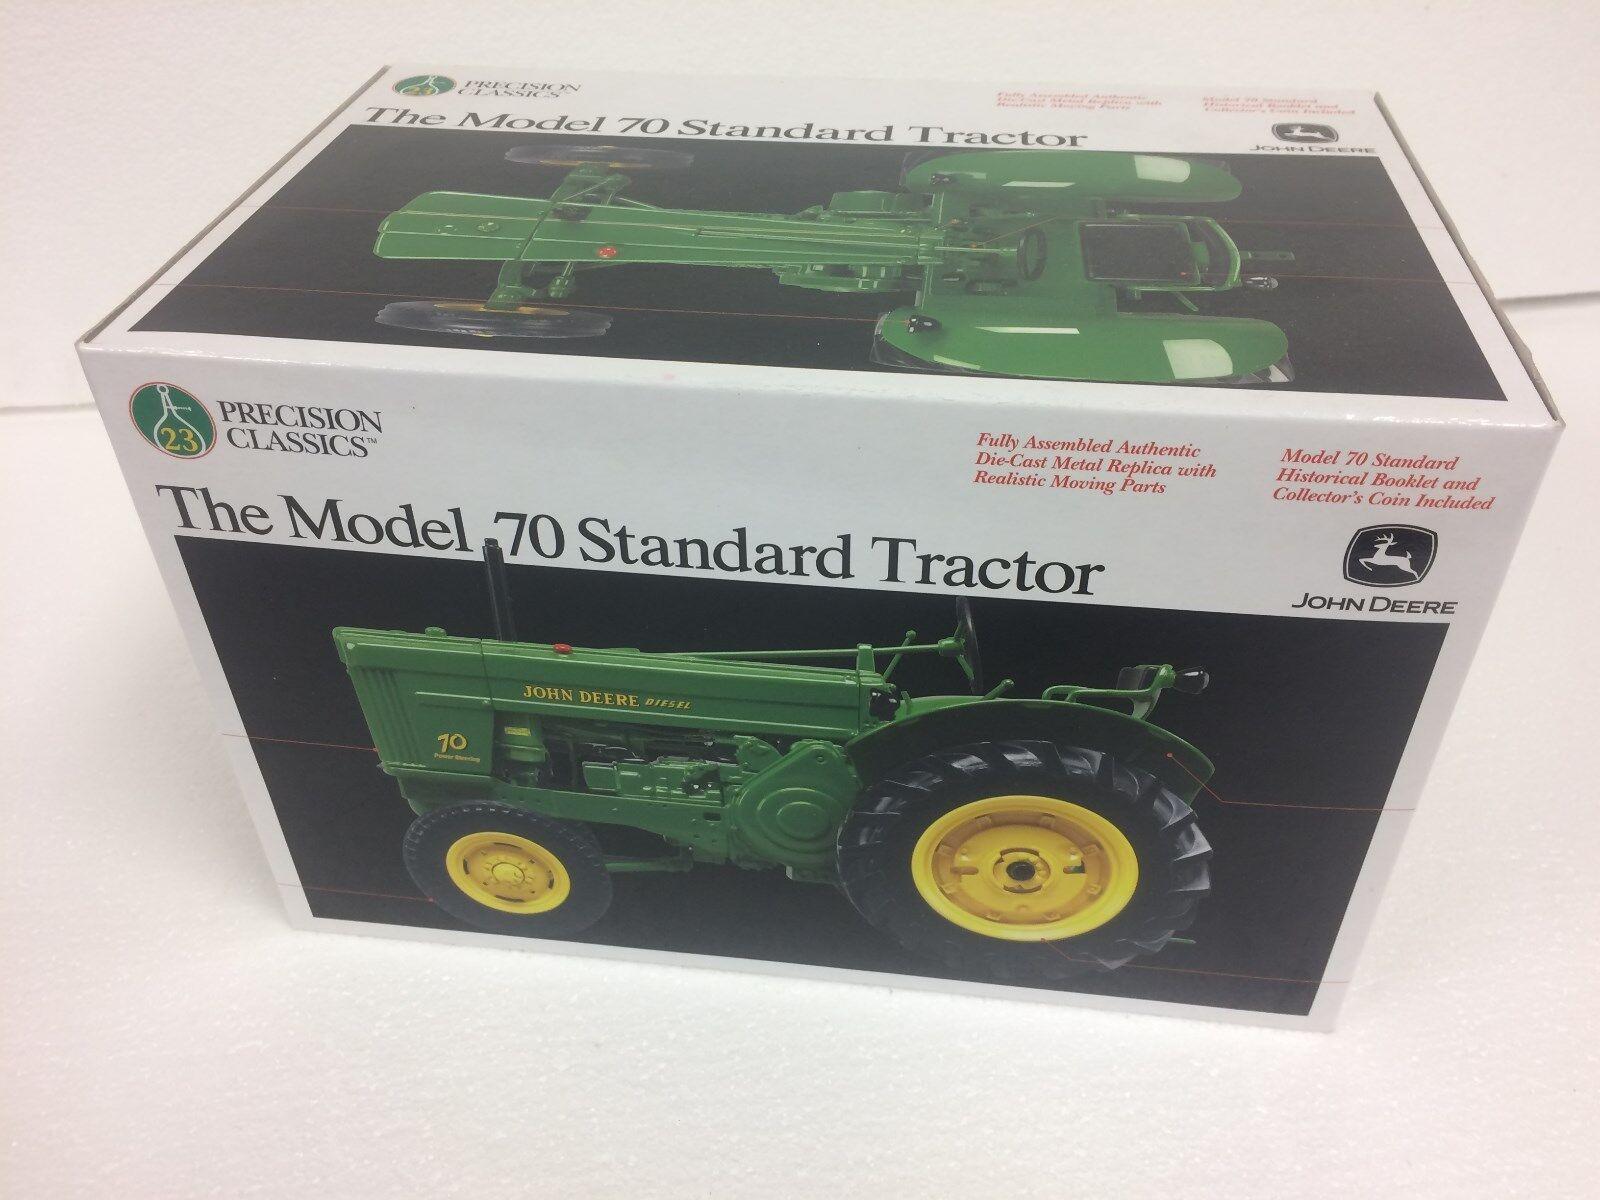 ventas al por mayor Nuevo En Caja Modelo Modelo Modelo Clásico de precisión John Deere 70 Tractor Ertl 1 16 TBE15366 estándar  Los mejores precios y los estilos más frescos.